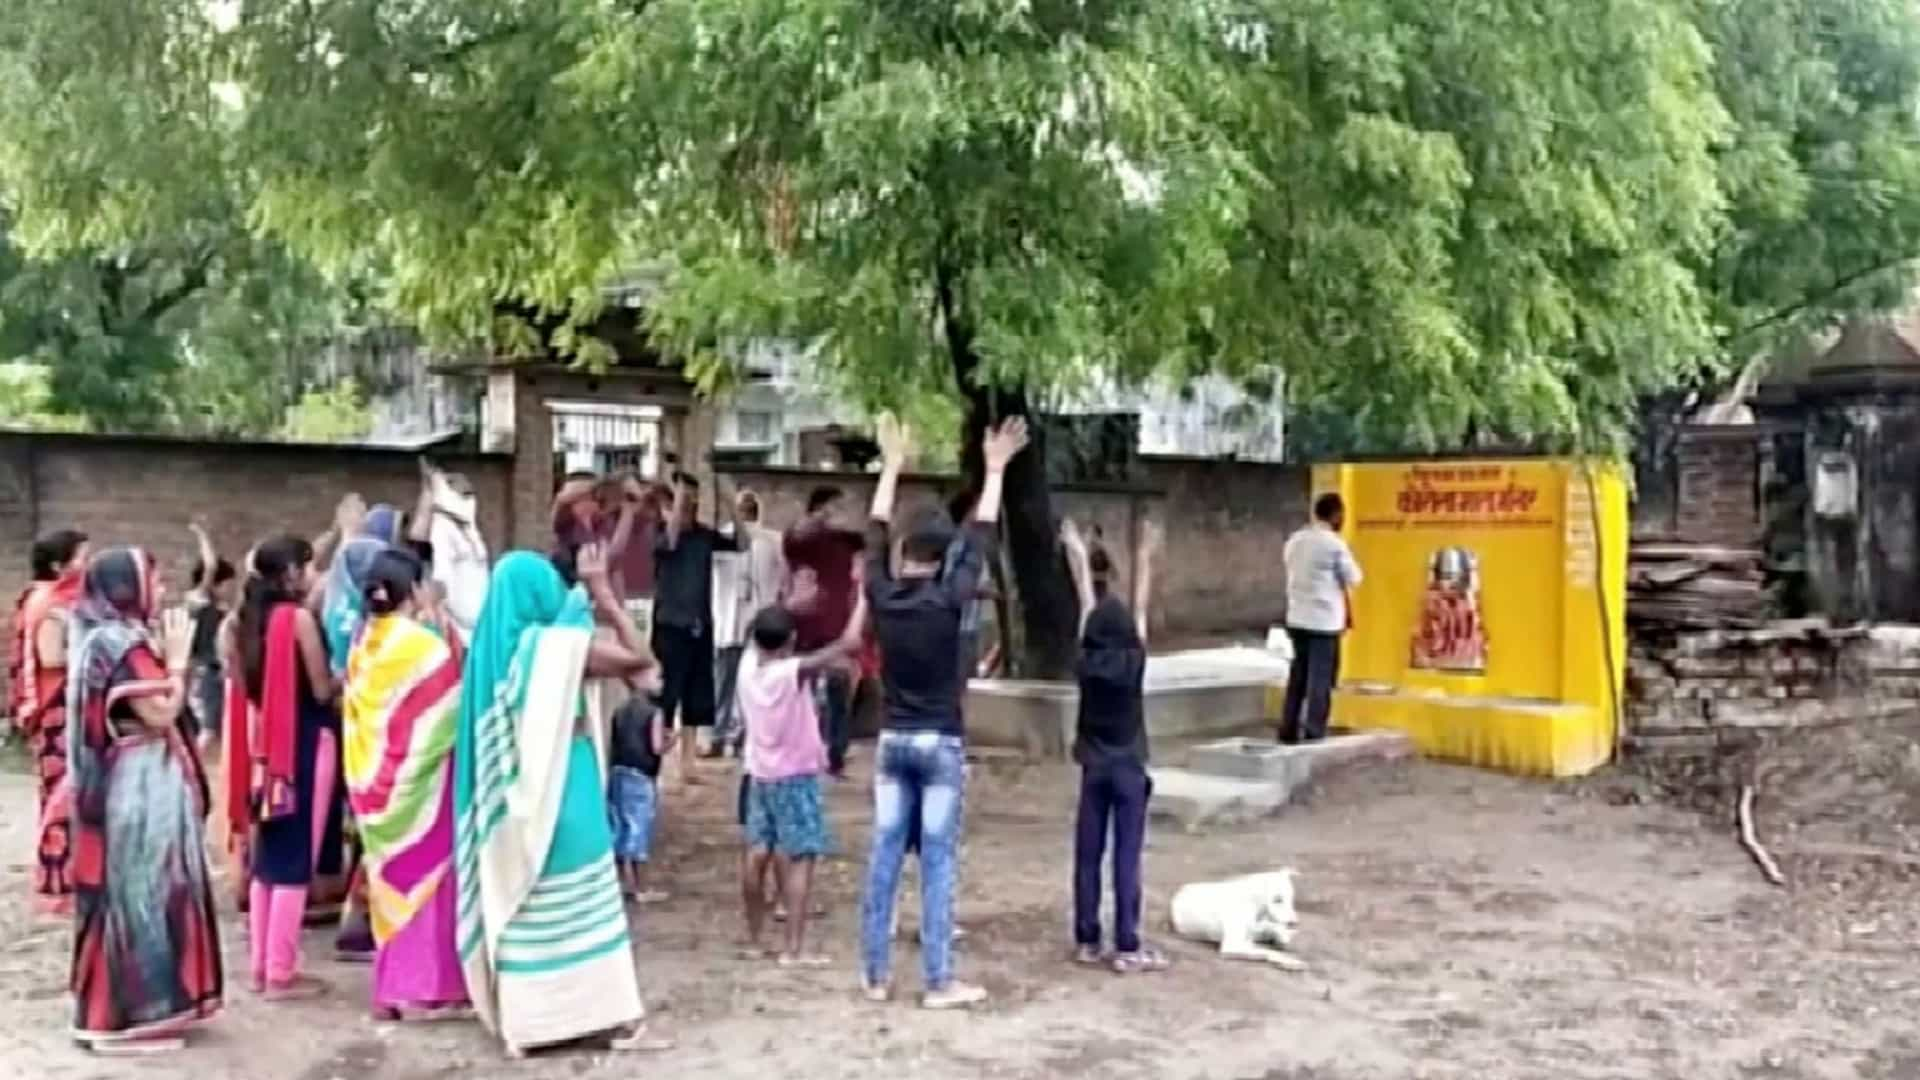 deusa corona - DEVOÇÃO! Habitantes de aldeia rezam a 'deusa corona' para livrar população do coronavírus